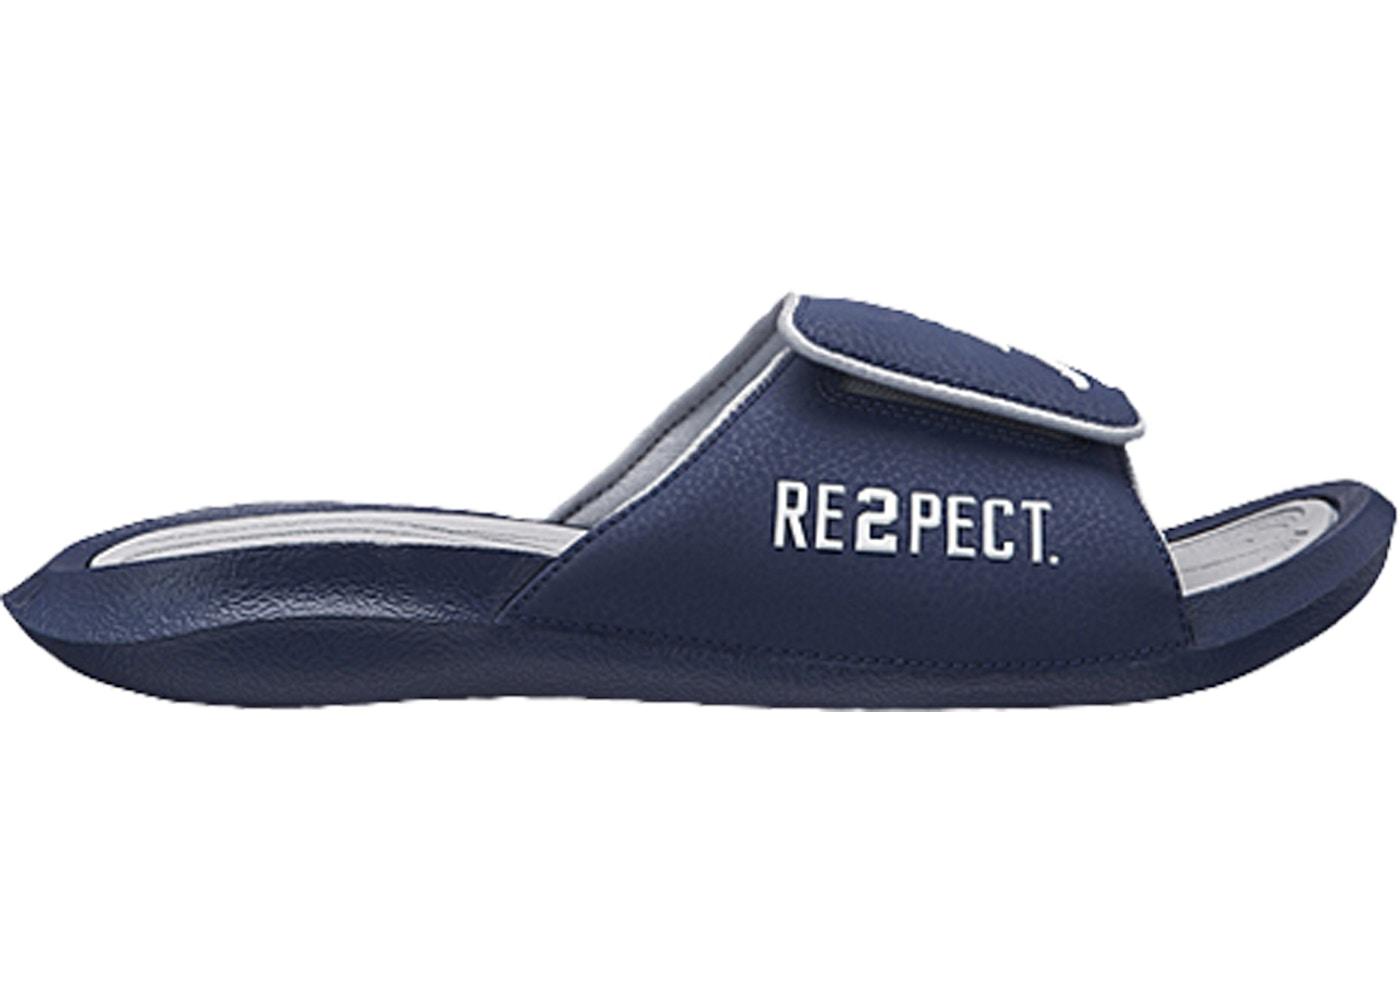 00cf282c607019 Air Jordan Size 8 Shoes - Lowest Ask